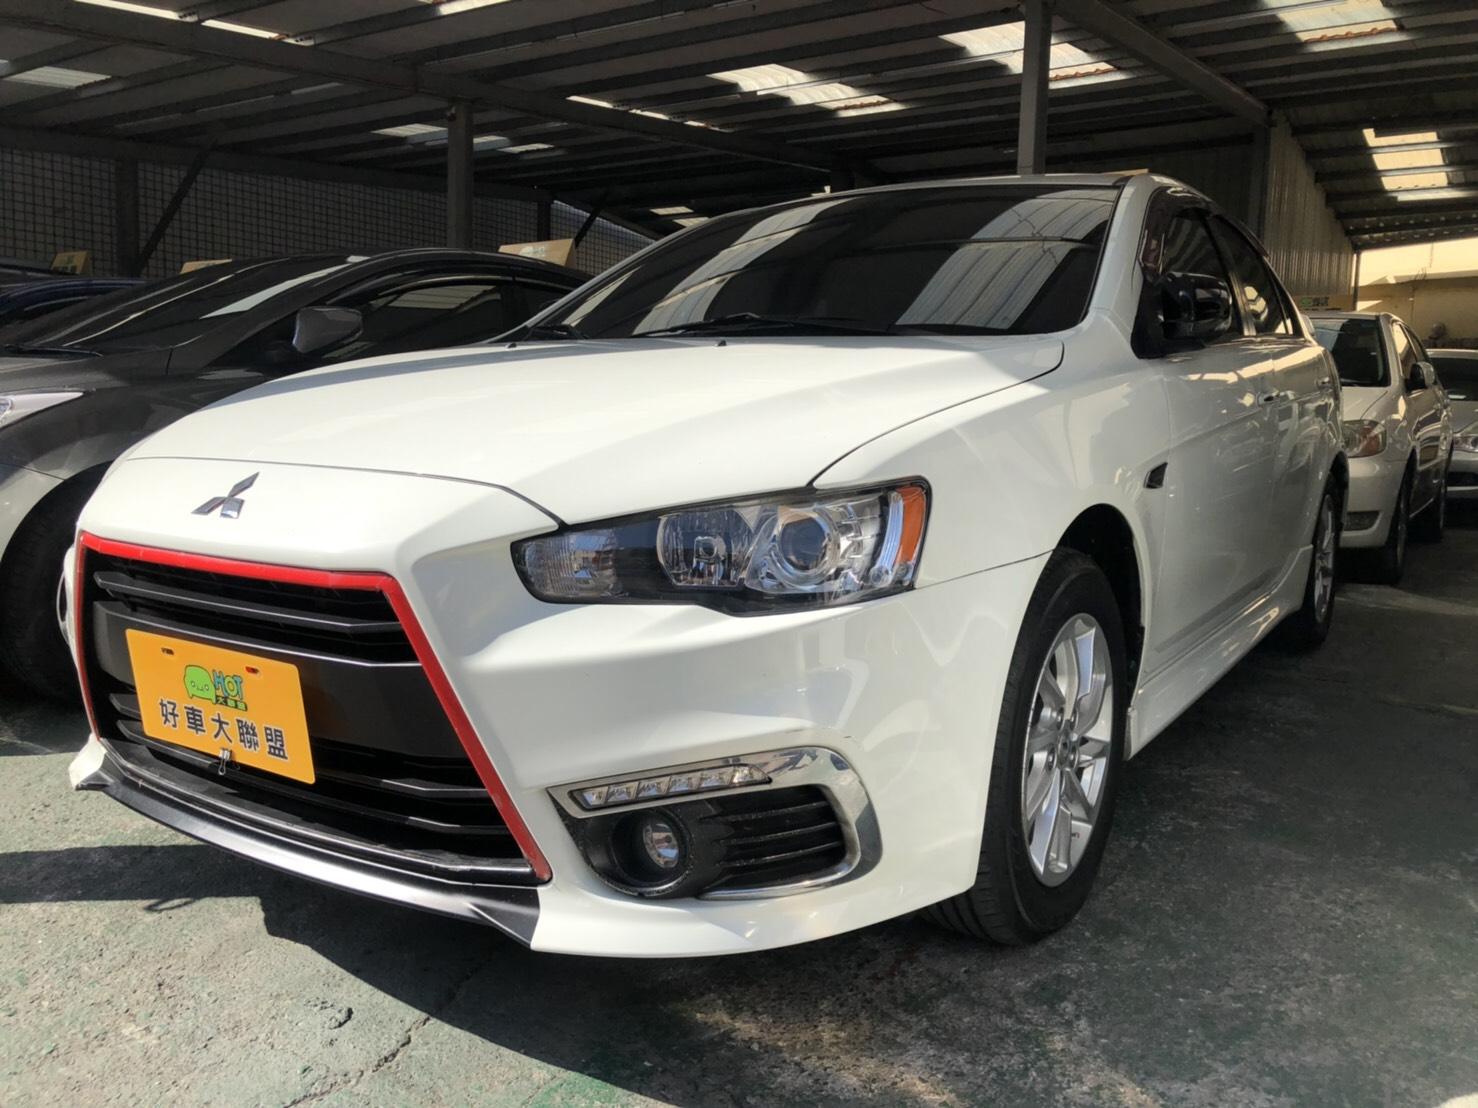 2014 Mitsubishi Lancer io